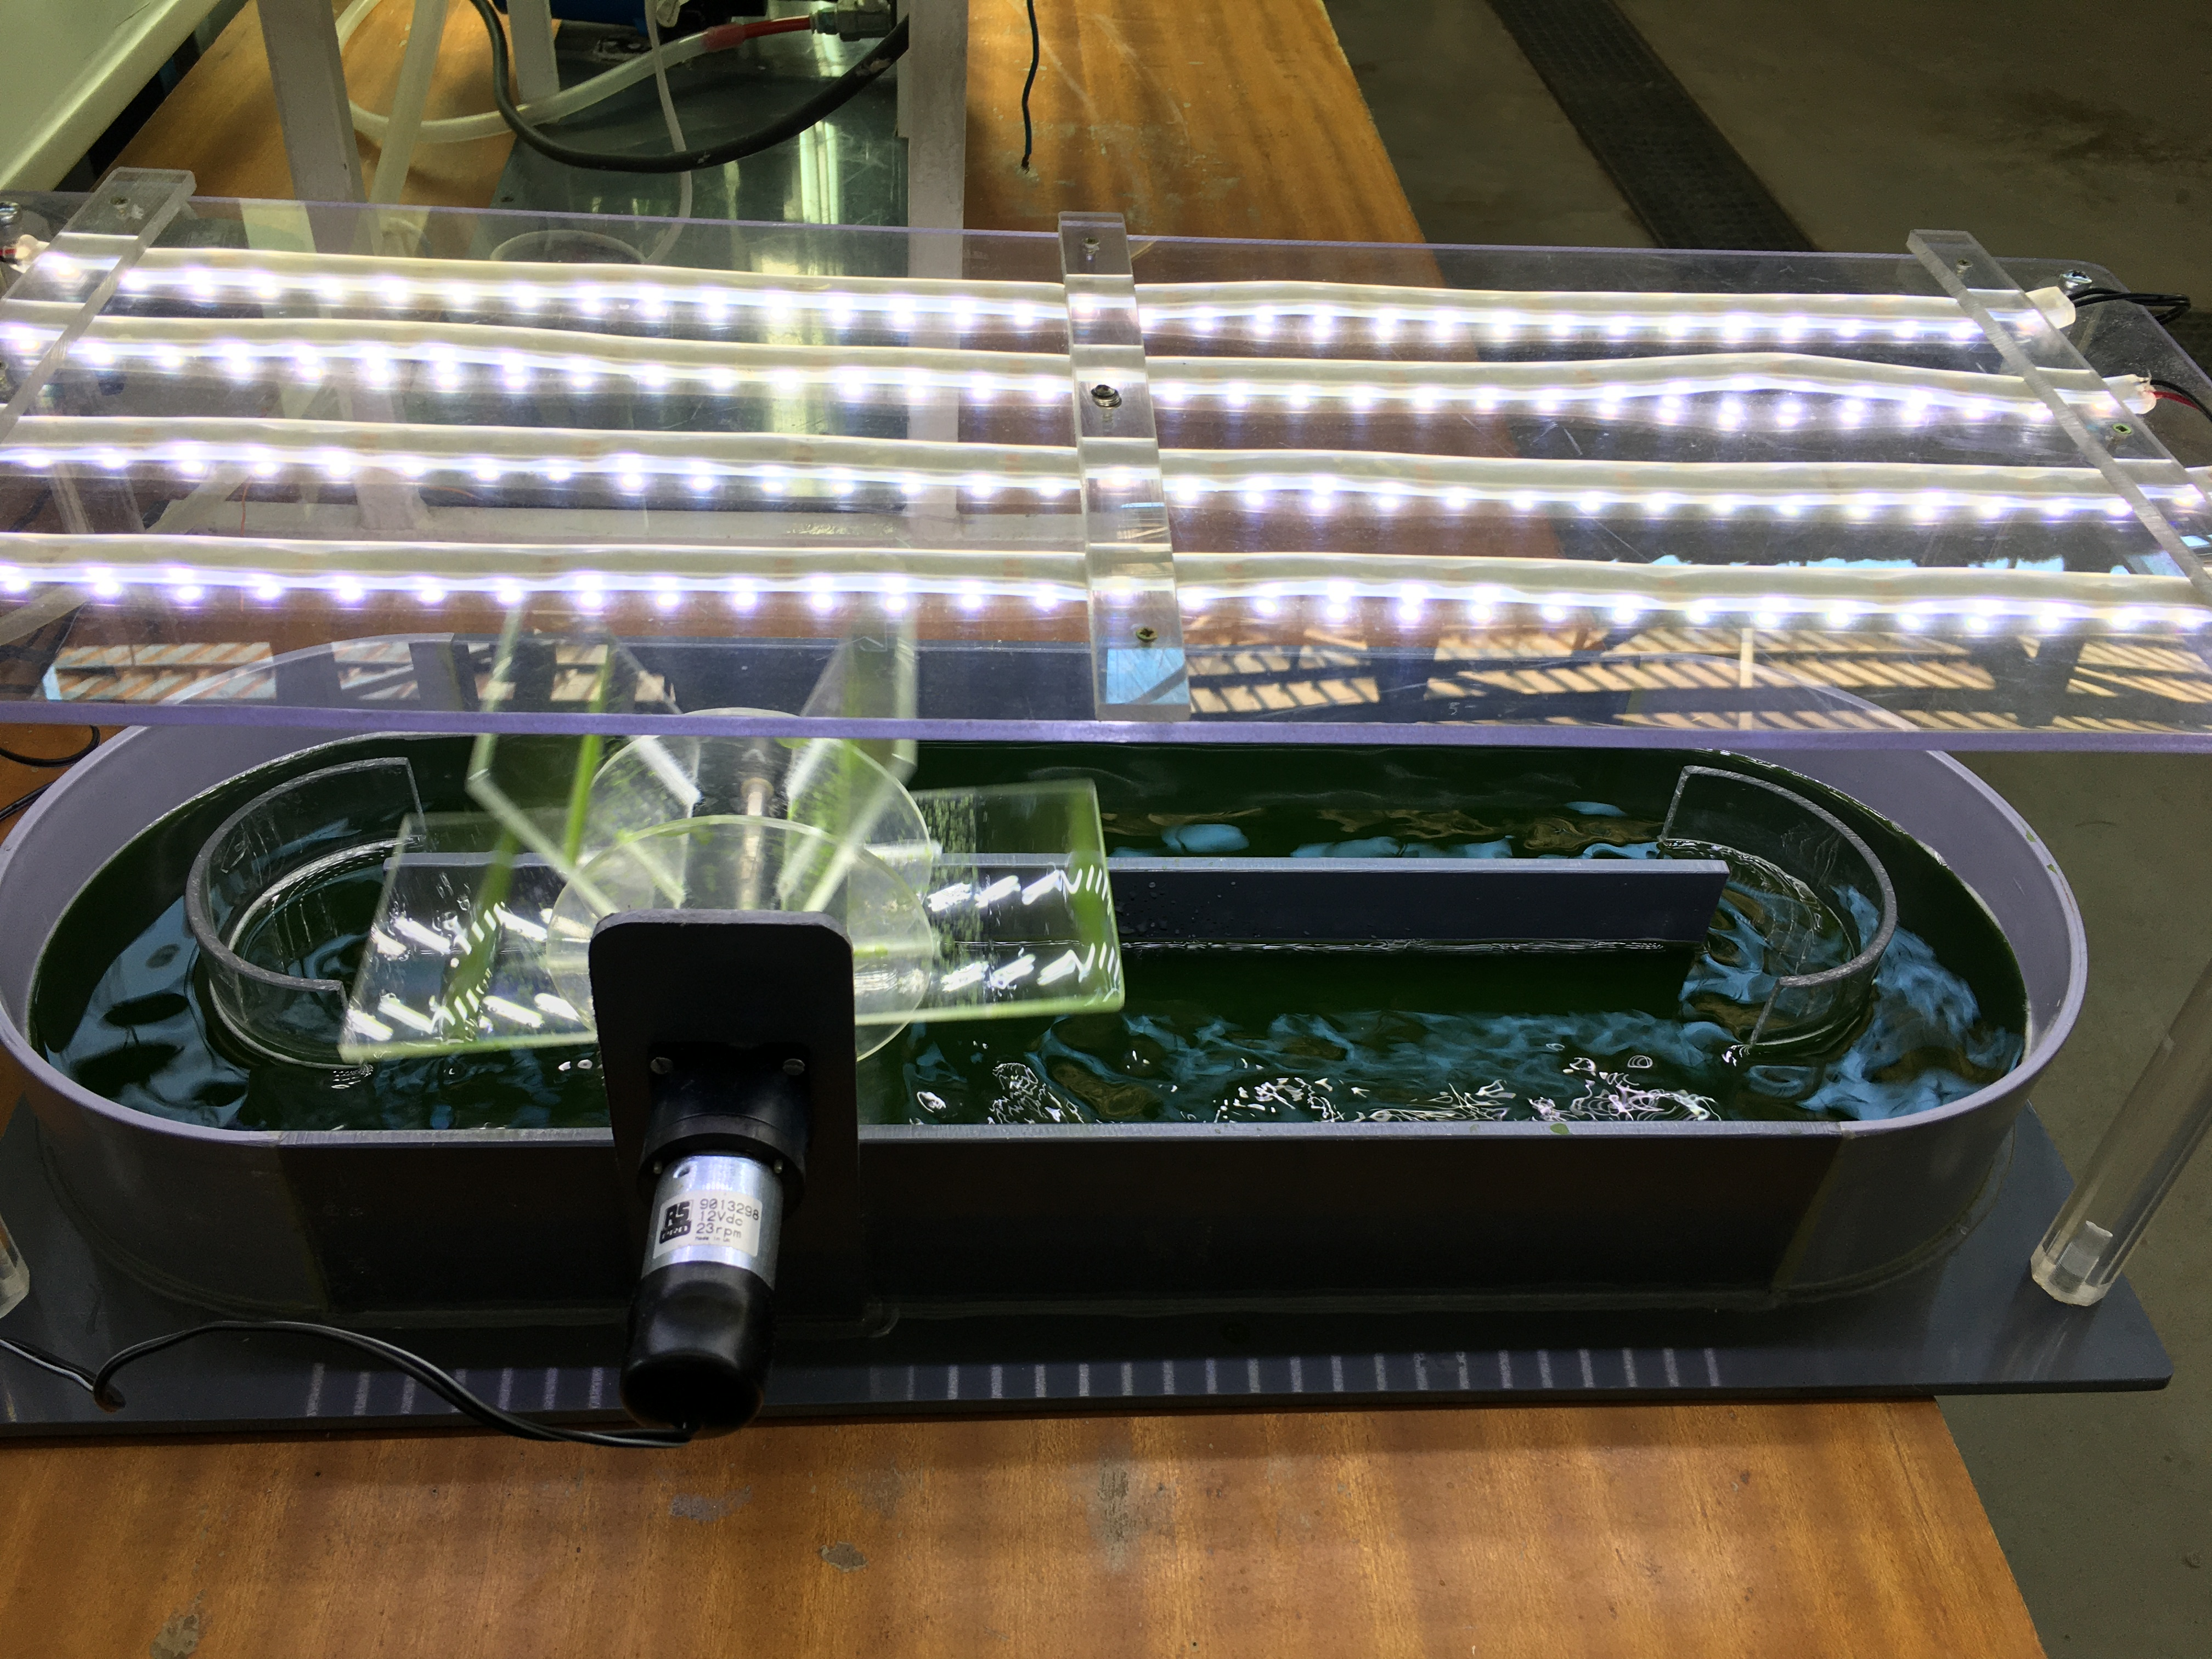 Maqueta de un pequeño biorreactor mostrado durante una de las actividades preparadas para la Semana de la Ciencia.